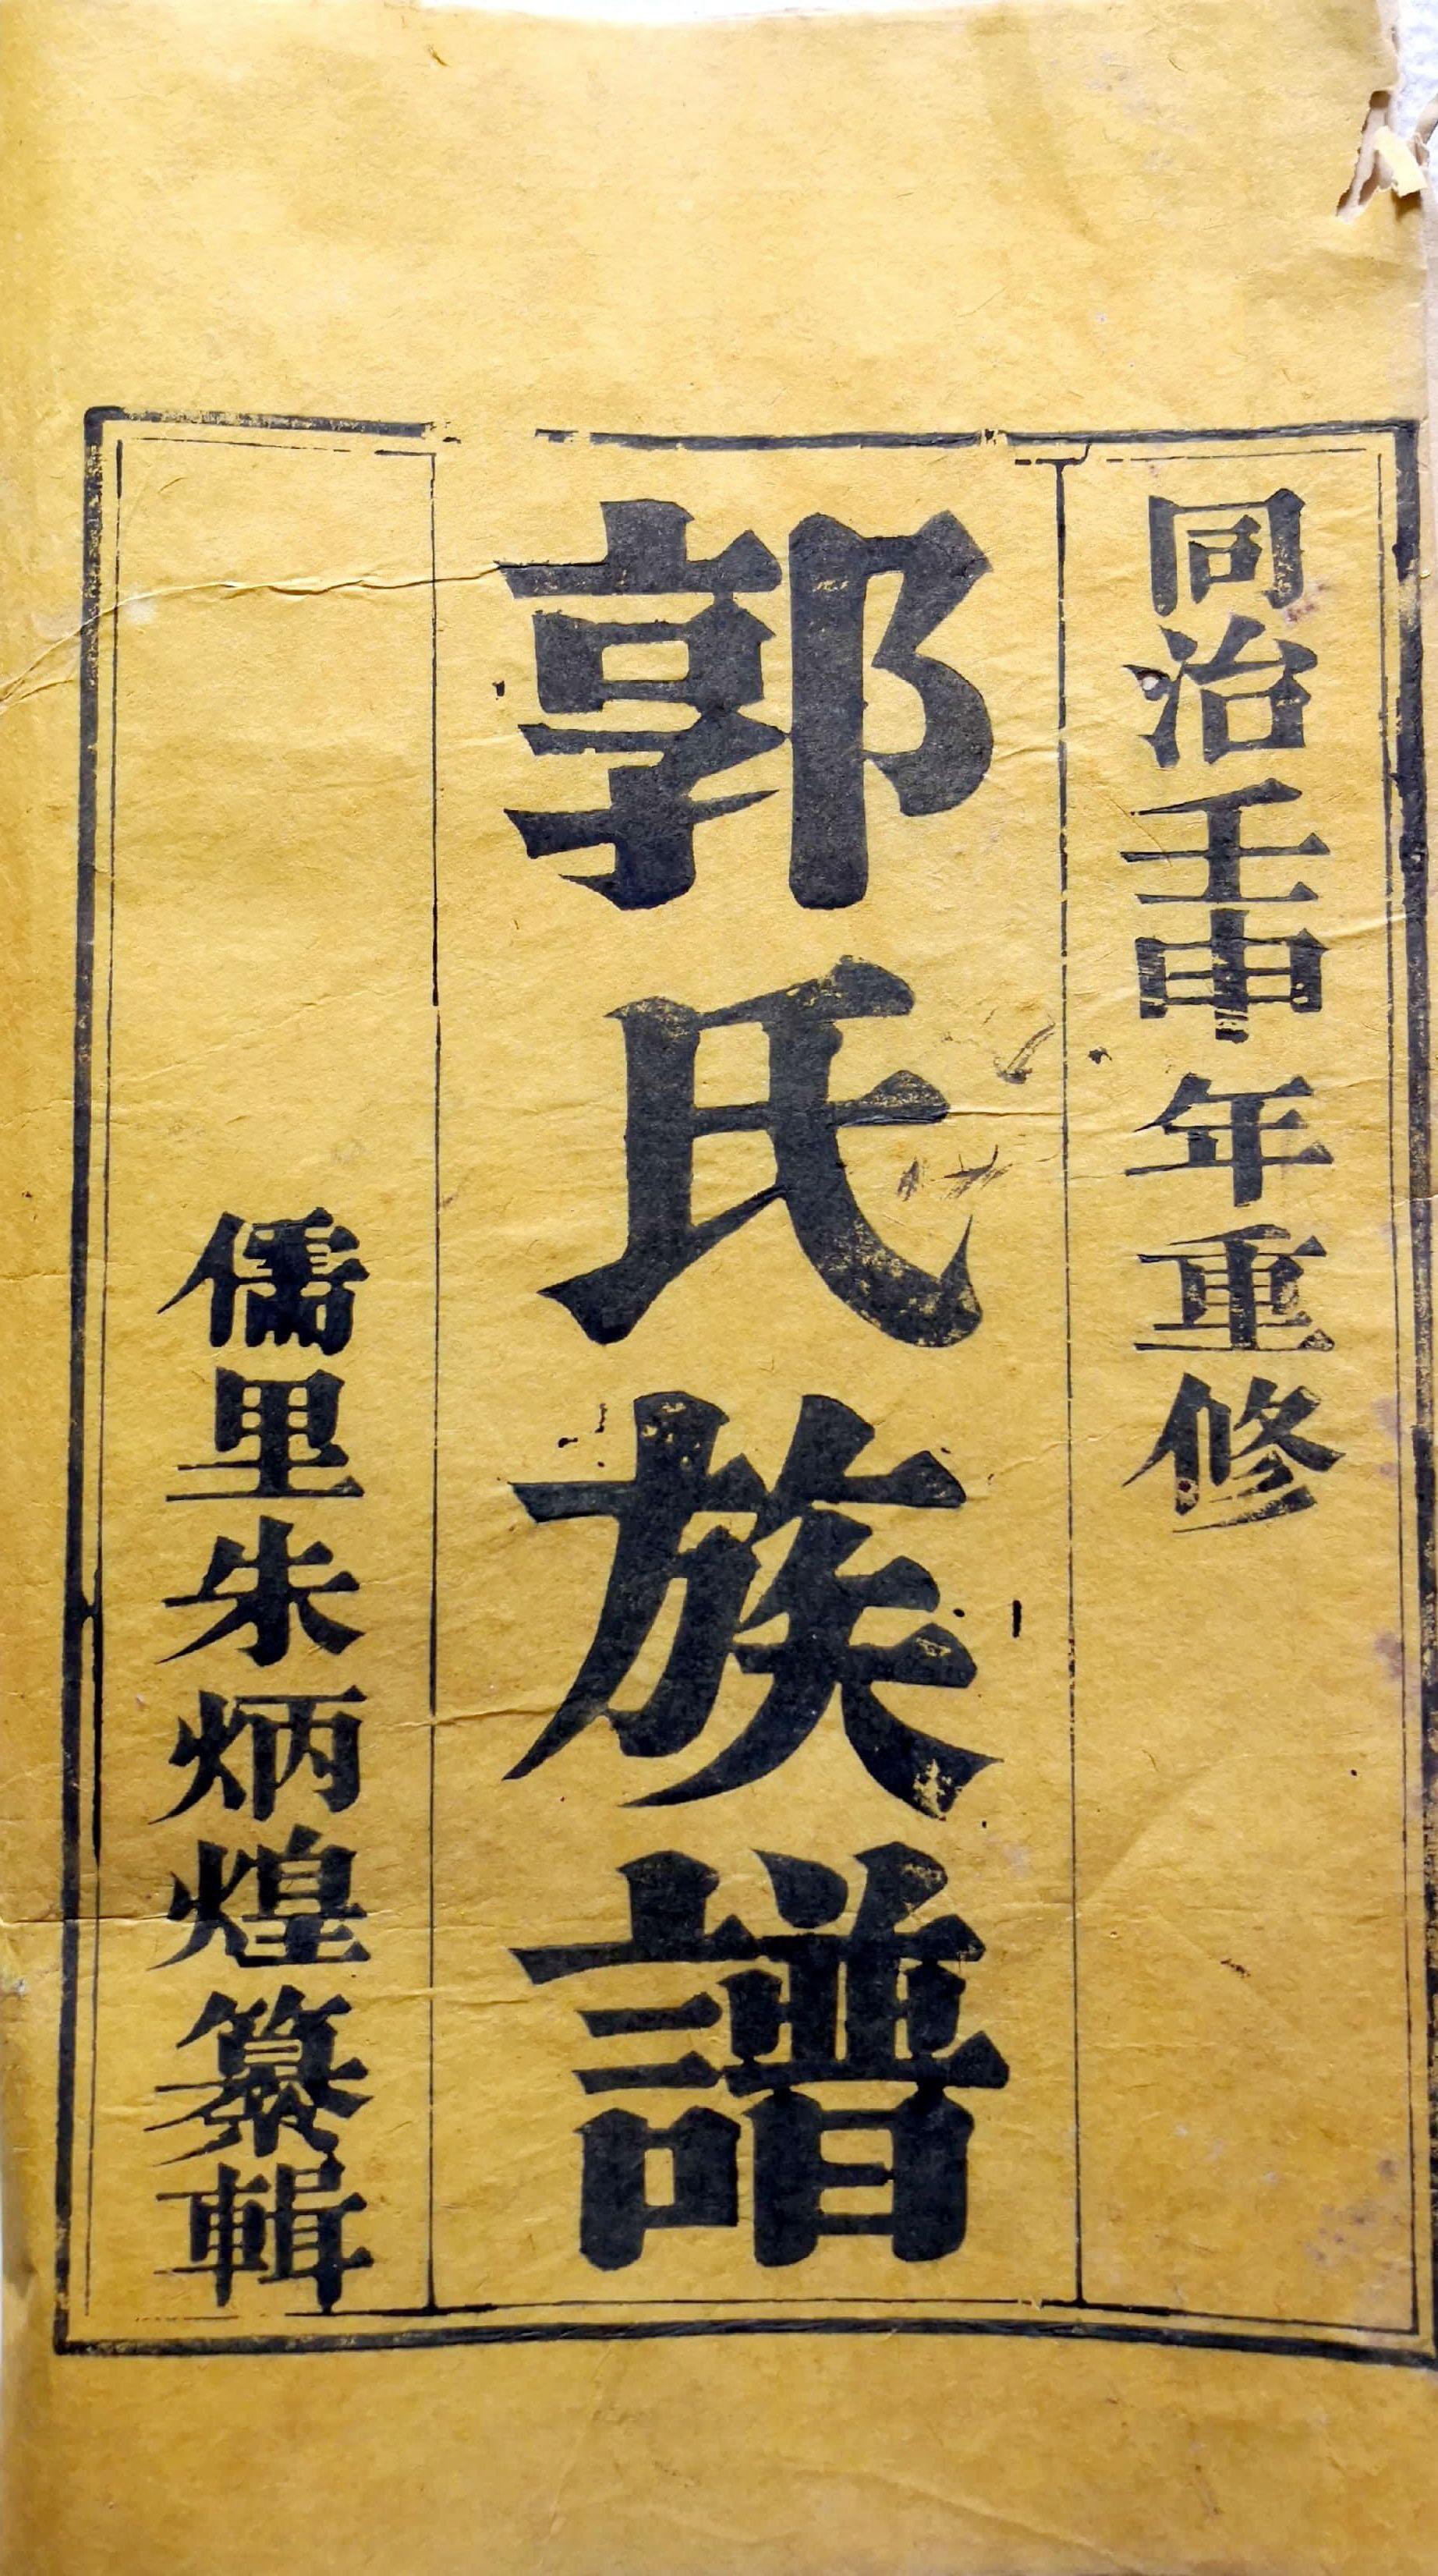 郭姓人口_郭姓仅有一位开国中将,他是福建人,曾任南京军区副司令员!